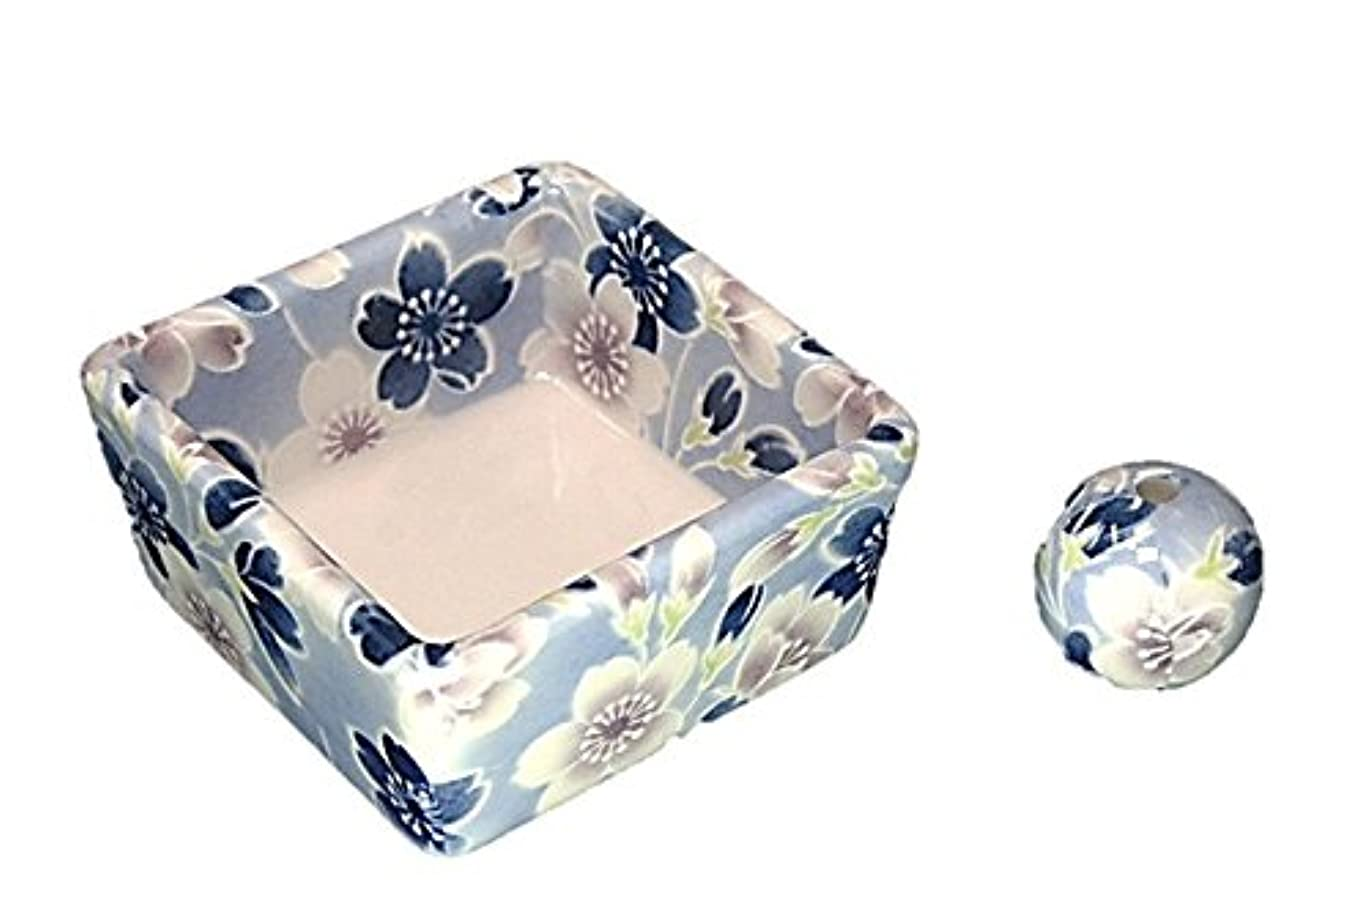 ホイットニー香ばしいマーカー和モダン 青染桜 お香立て 陶器 角鉢 製造直売品